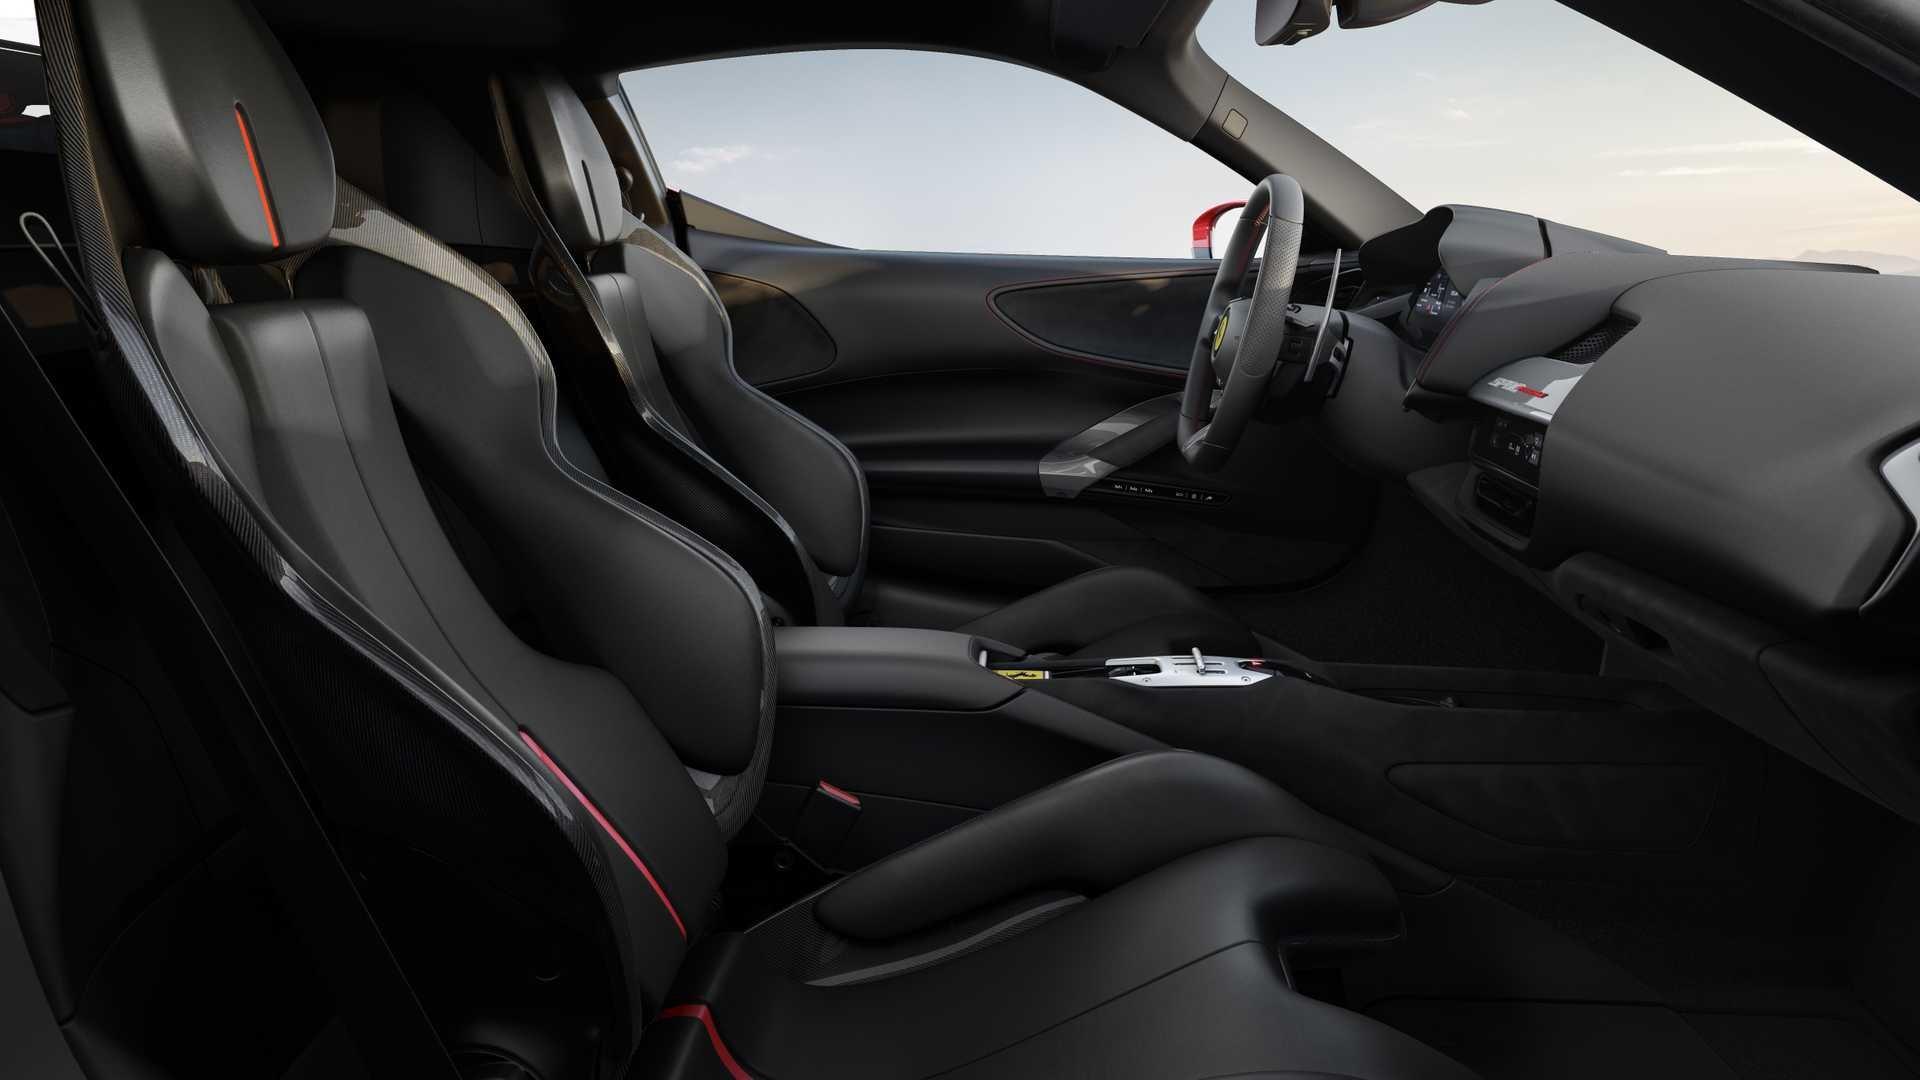 Ferrari представила самую мощную машину в своей истории